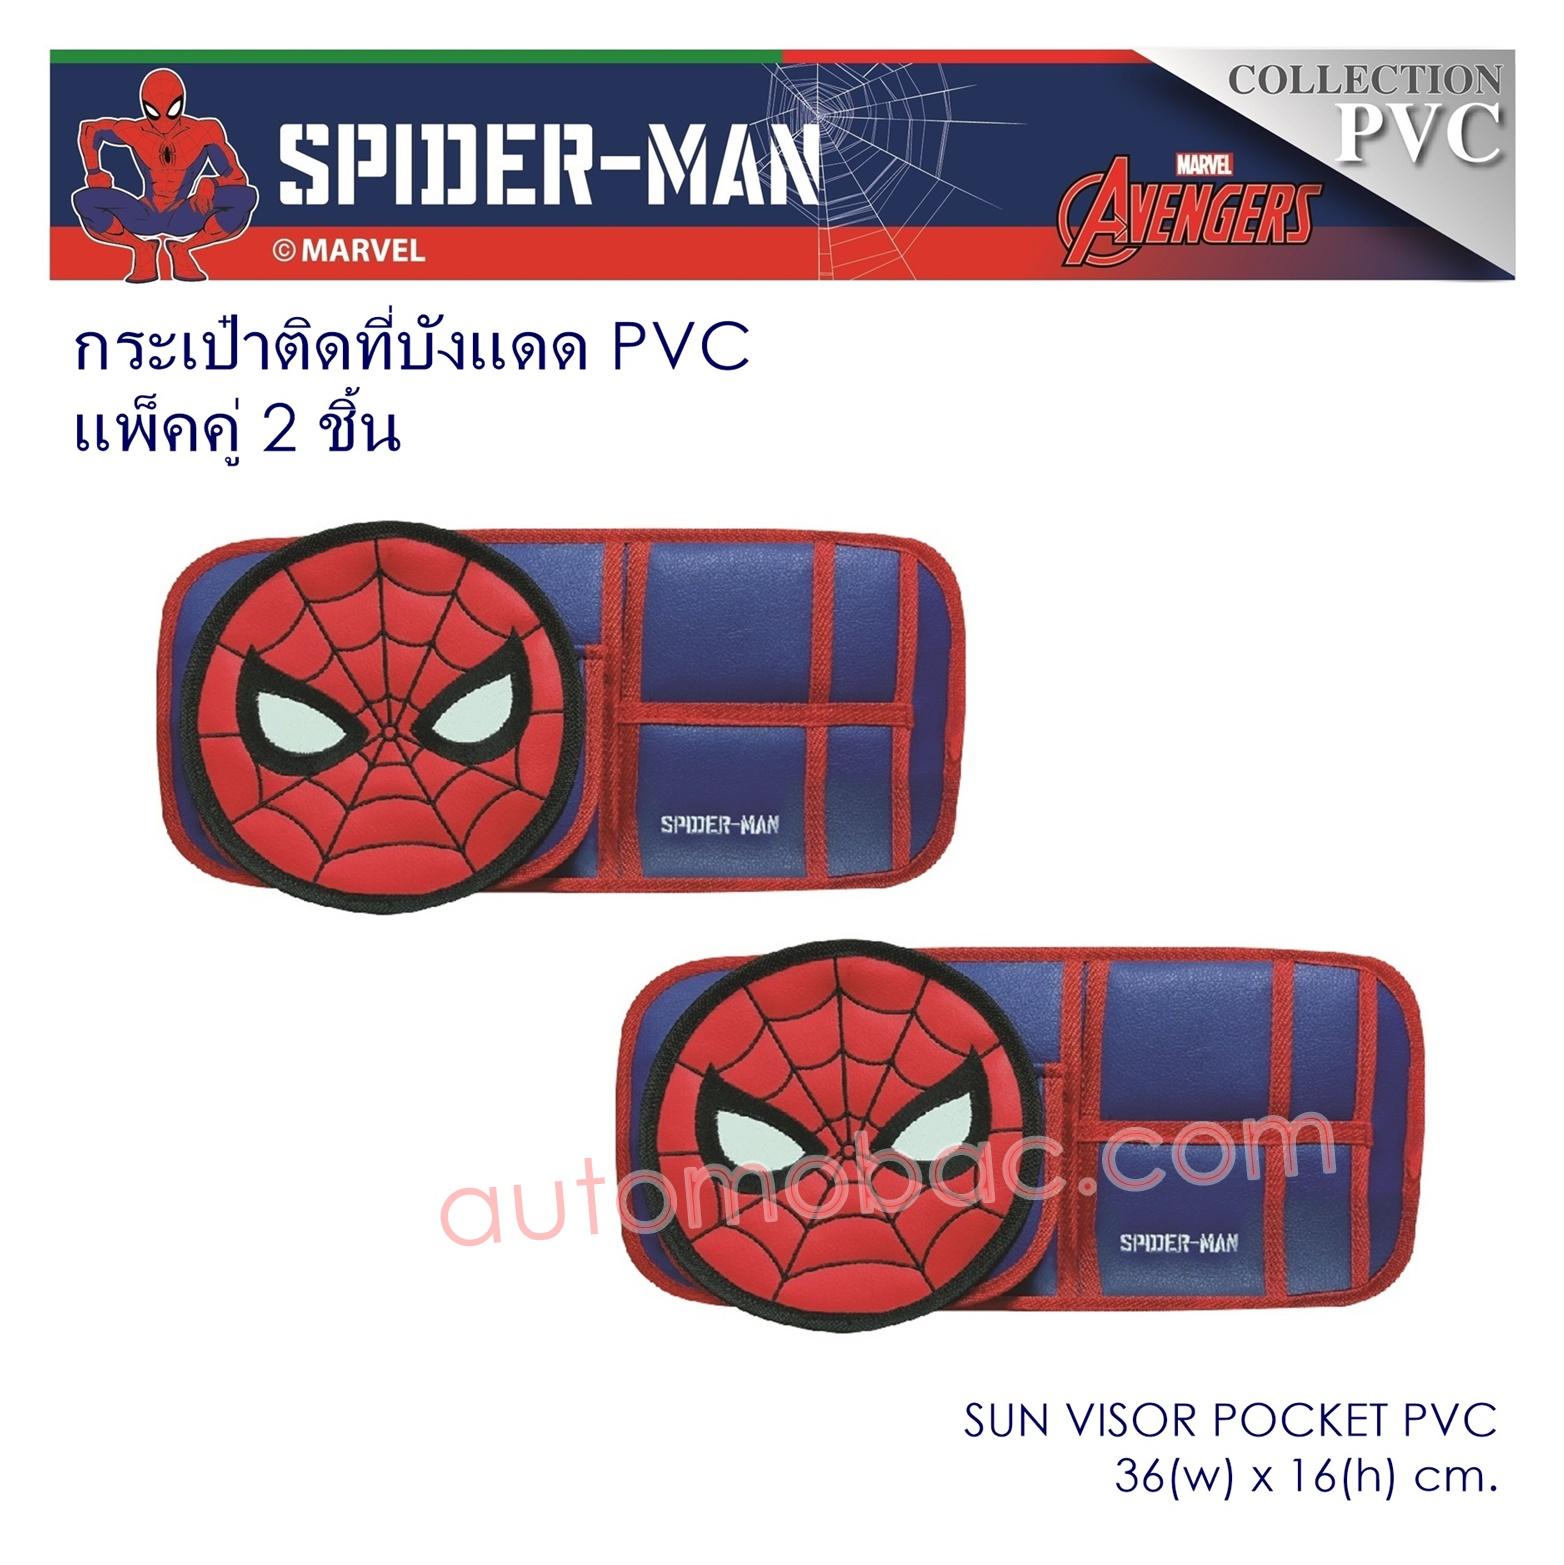 Spider-man กระเป๋าติดที่บังแดด 2 ชิ้น หนัง PVC ช่วยจัดระเบียบสิ่งของ หยิบใช้สะดวก ลิขสิทธิ์แท้